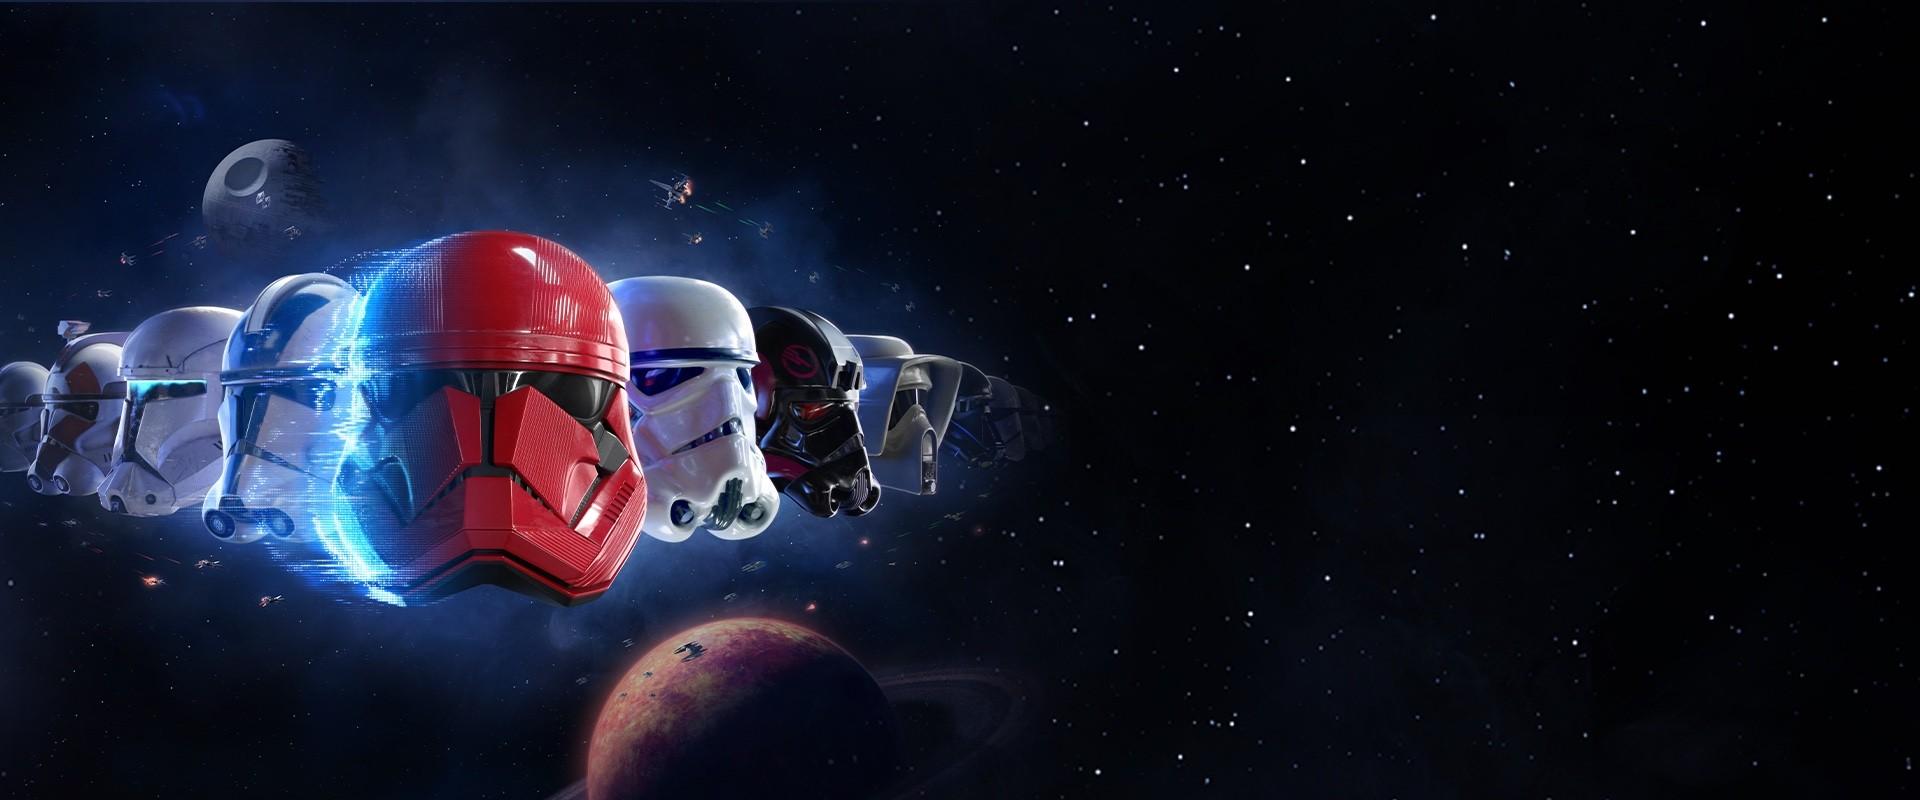 Darmowy Battlefront 2 na Epic Games Store. Serwery gry przeżywają oblężenie